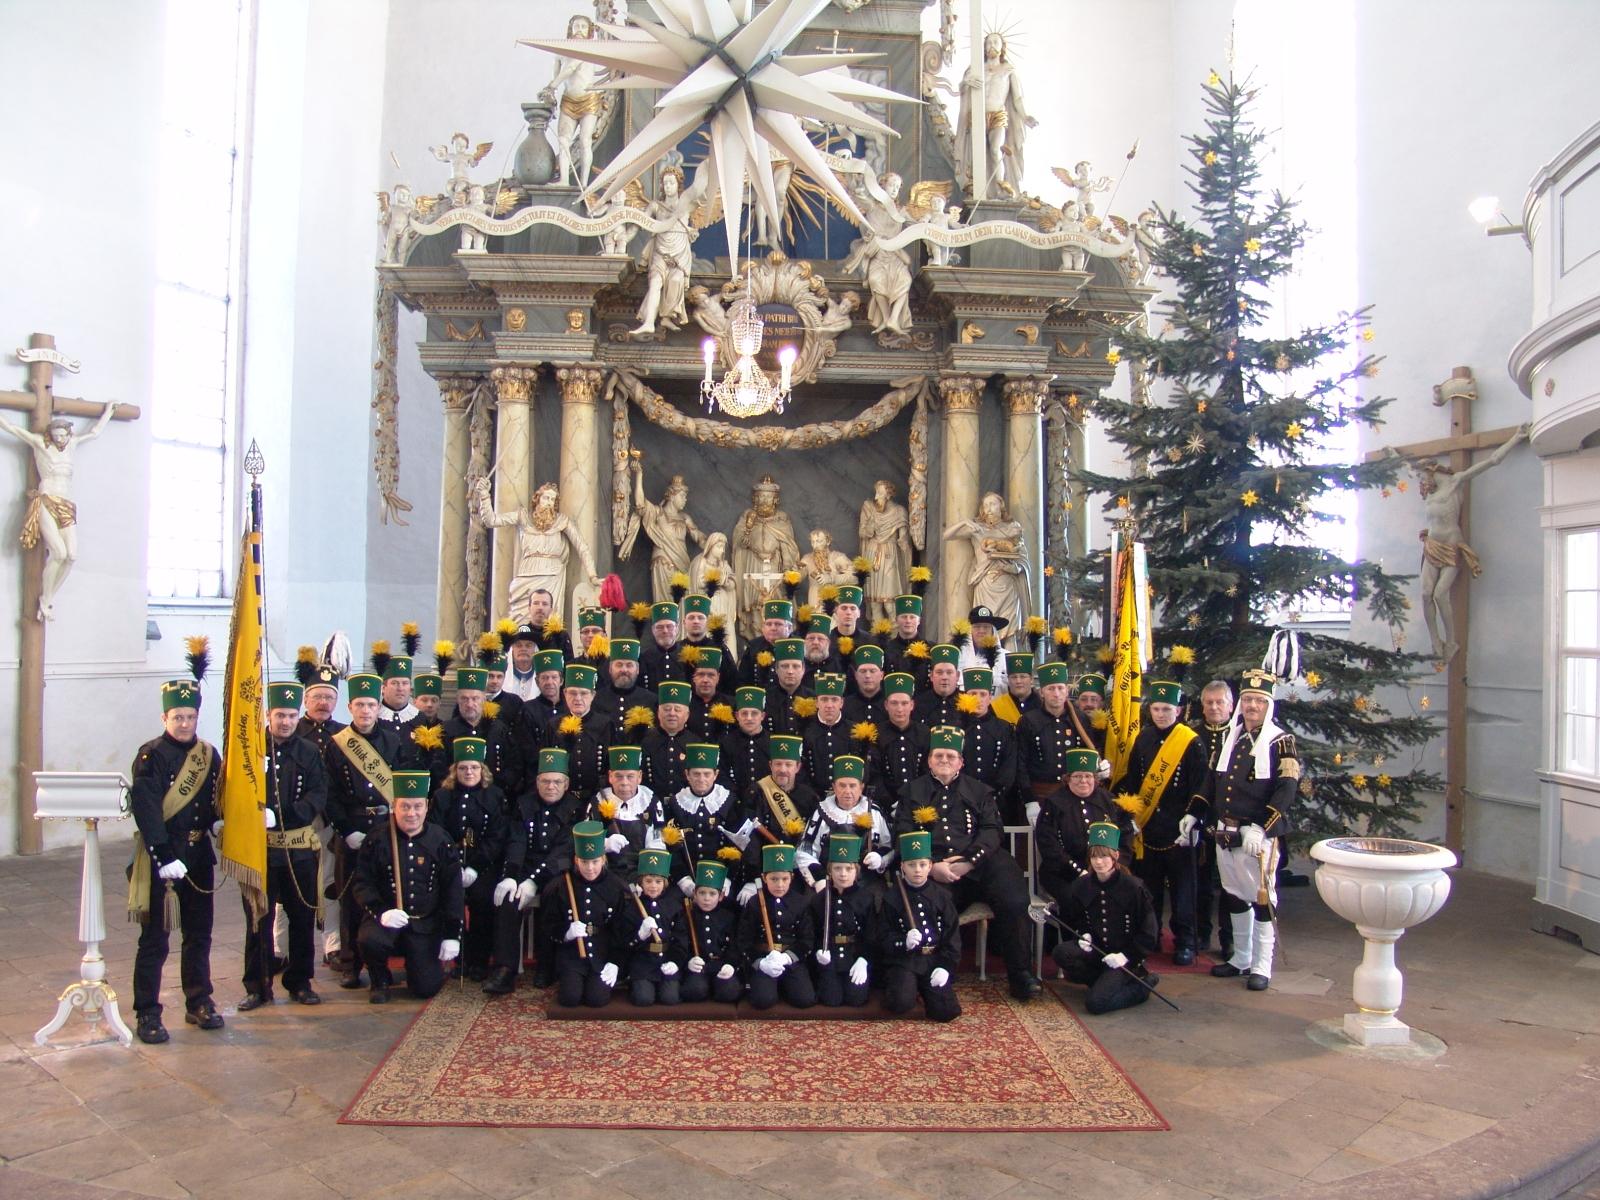 Berg-, Knapp- und Brüderschaft Jöhstadt vor dem Altra in der St. Salvatorkirche in Jöhstadt